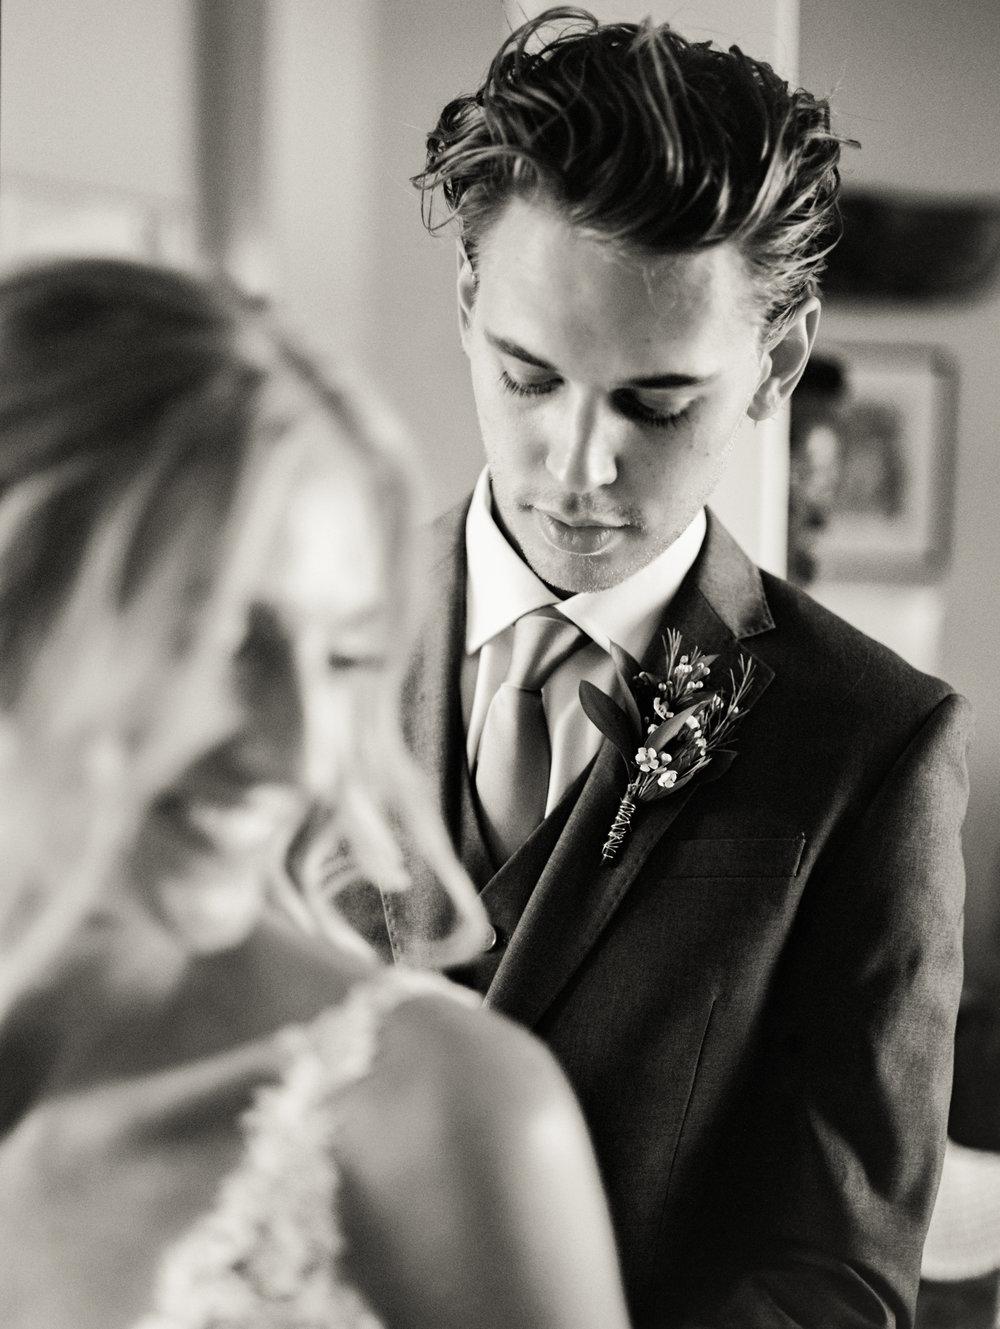 dennisroycoronel_ashleyanthony_vanessahudgens_austinbutler_wedding_losangeles_photographer-37.jpg